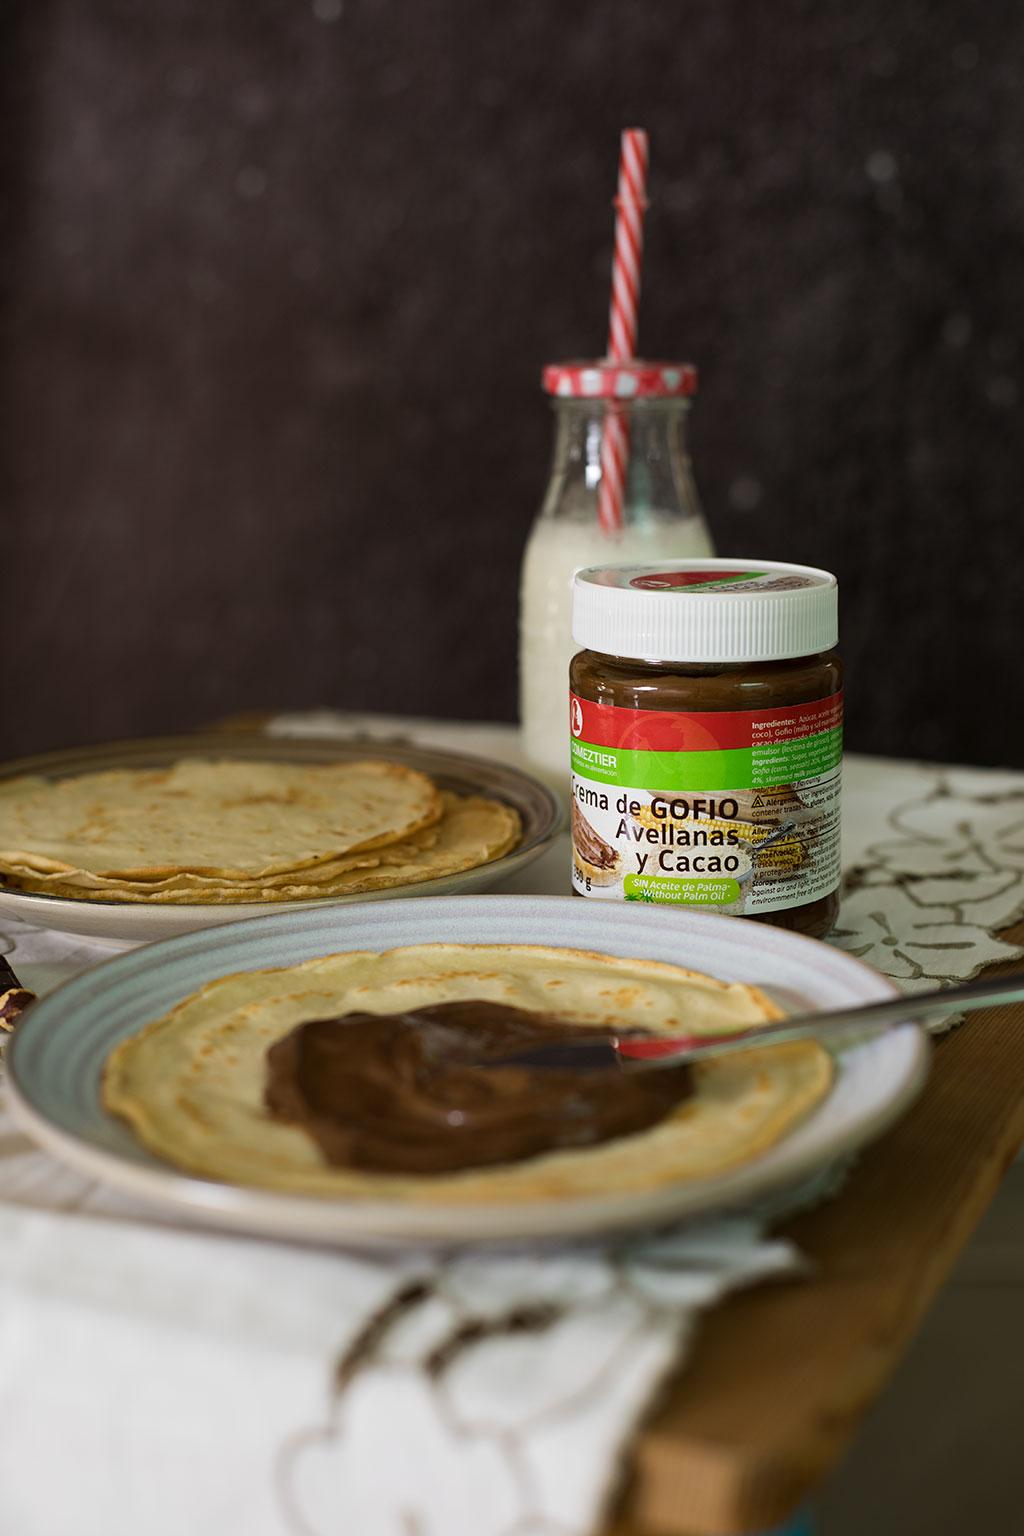 crema-de-gofio-avellanas-y-cacao de Comeztier